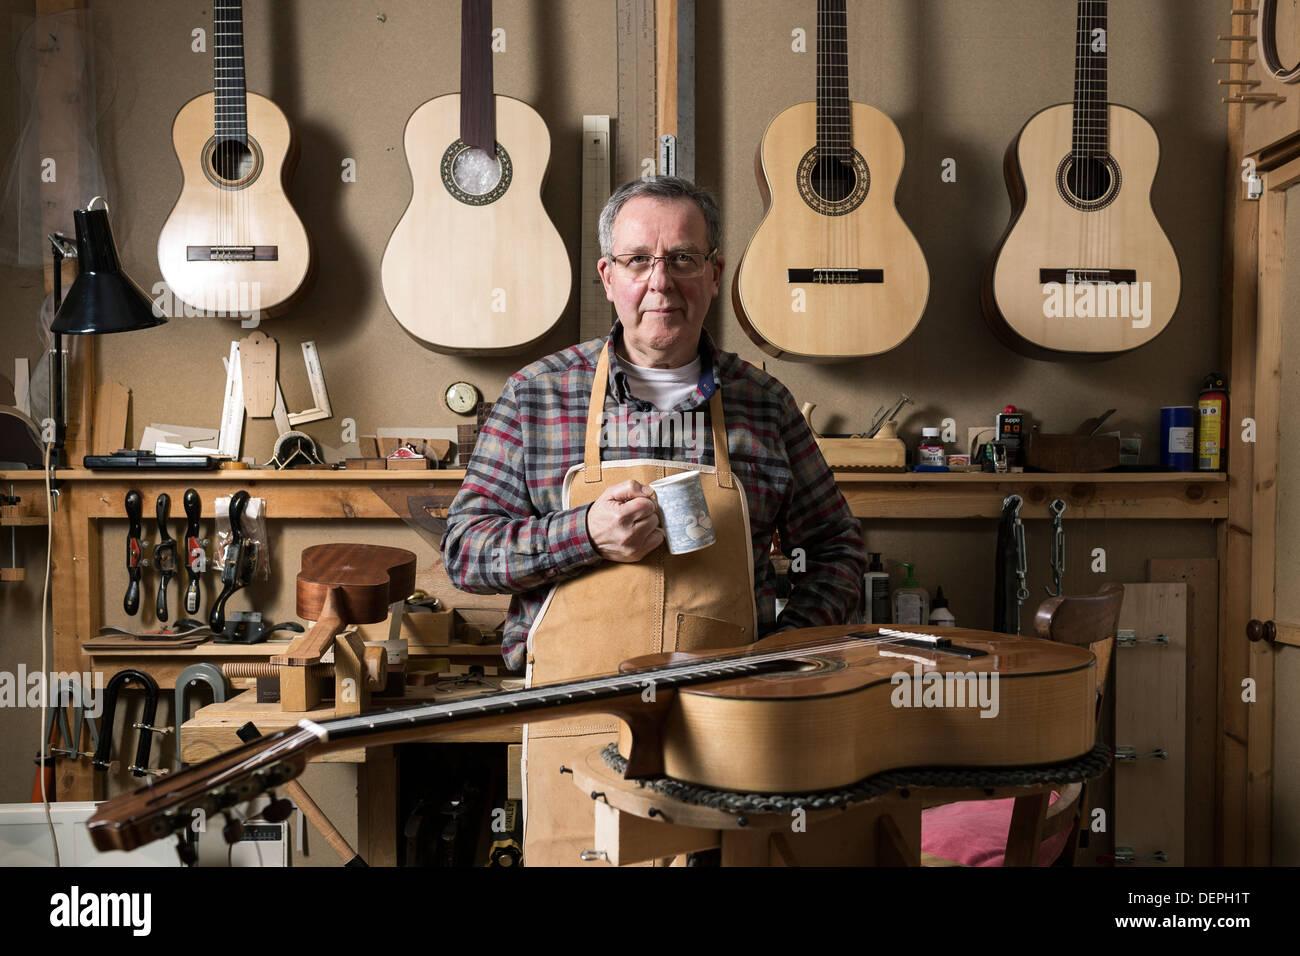 Creador de la guitarra en el taller permanente, Retrato Imagen De Stock